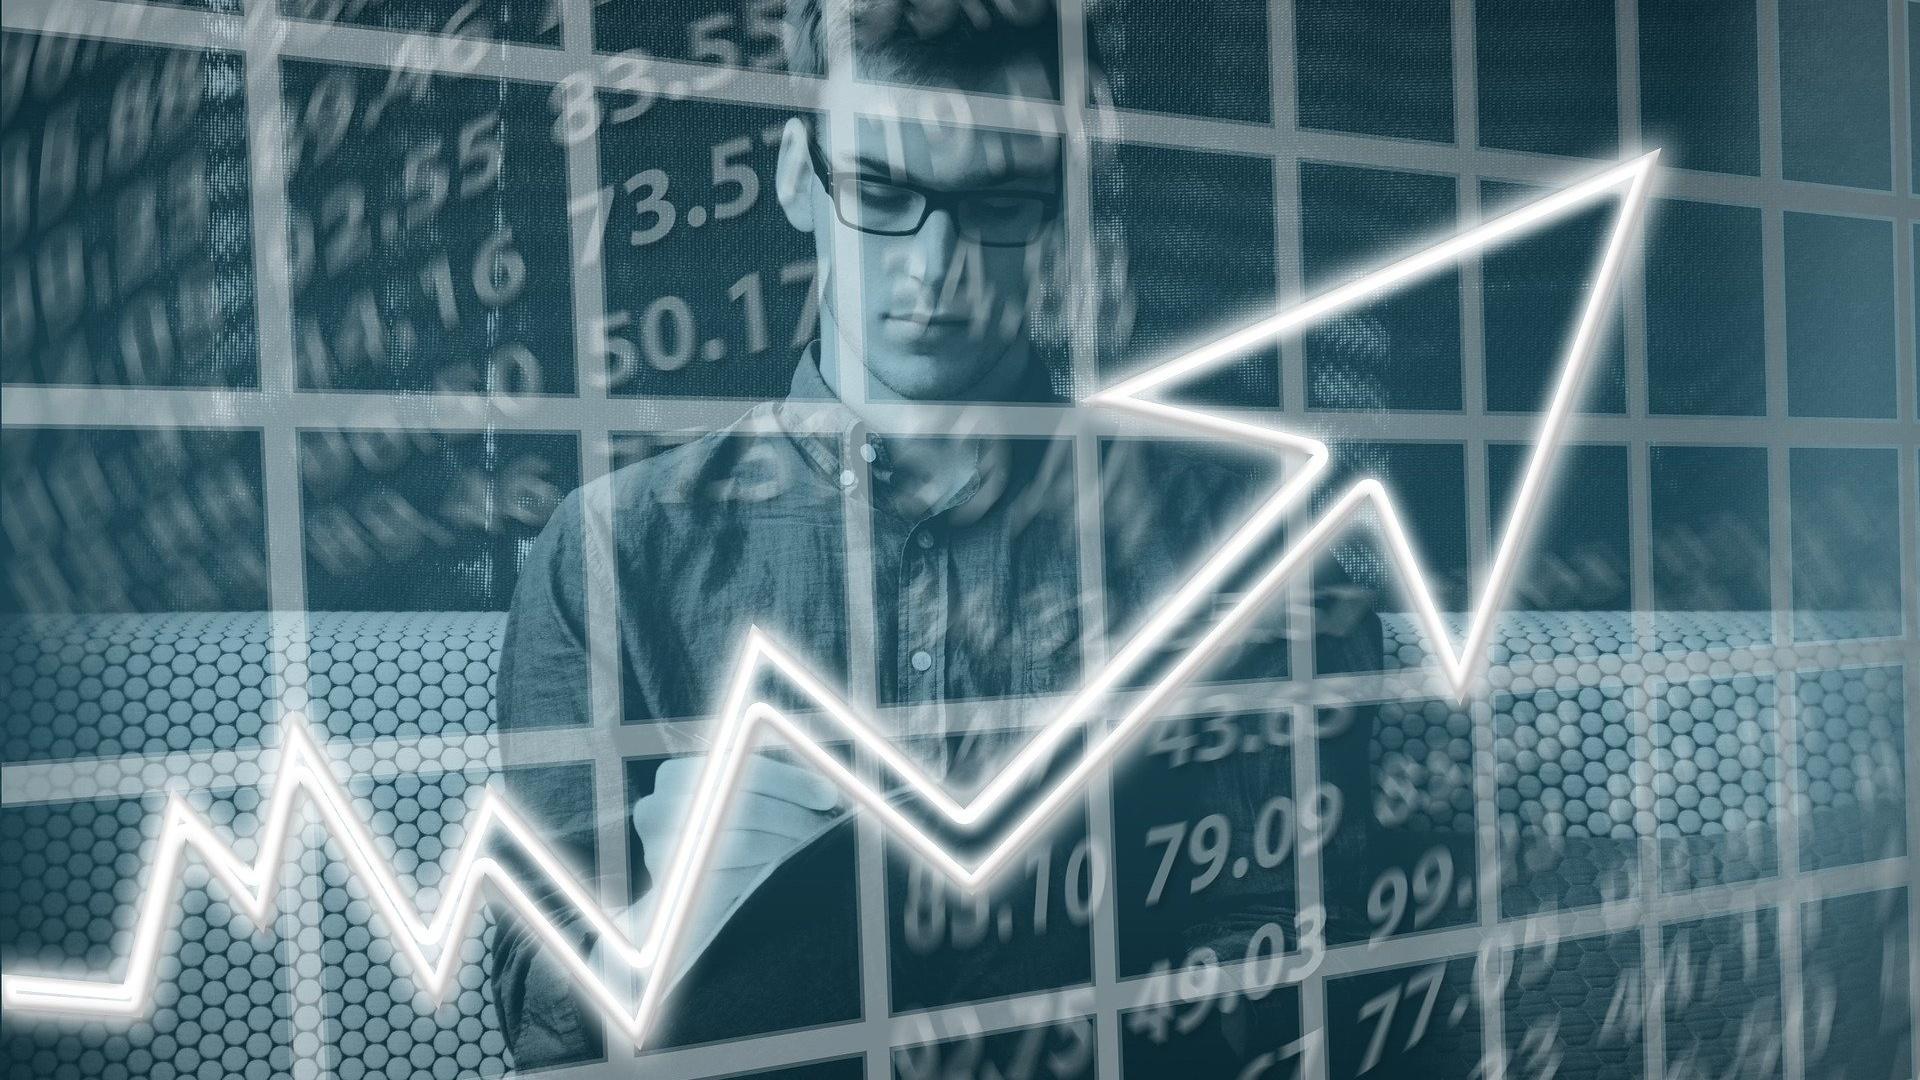 Finanzen in den Griff bekommen: Das sind die wichtigsten Regeln